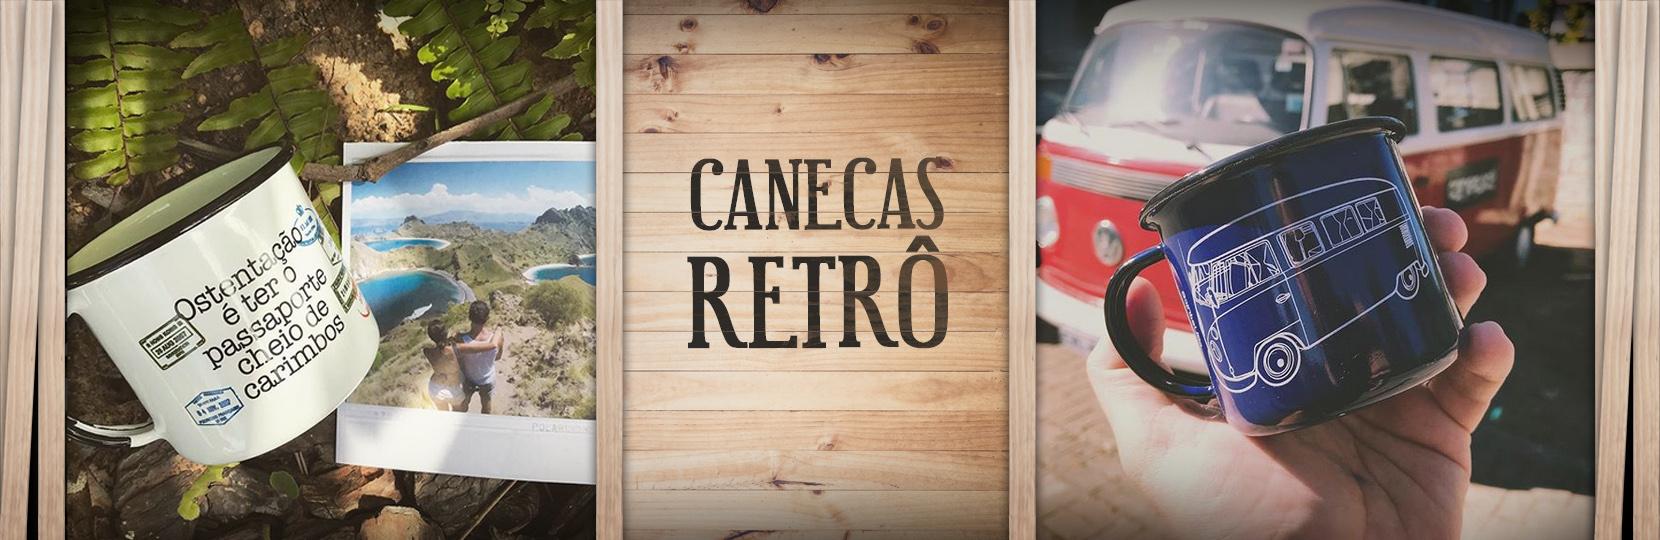 Caneca Retro